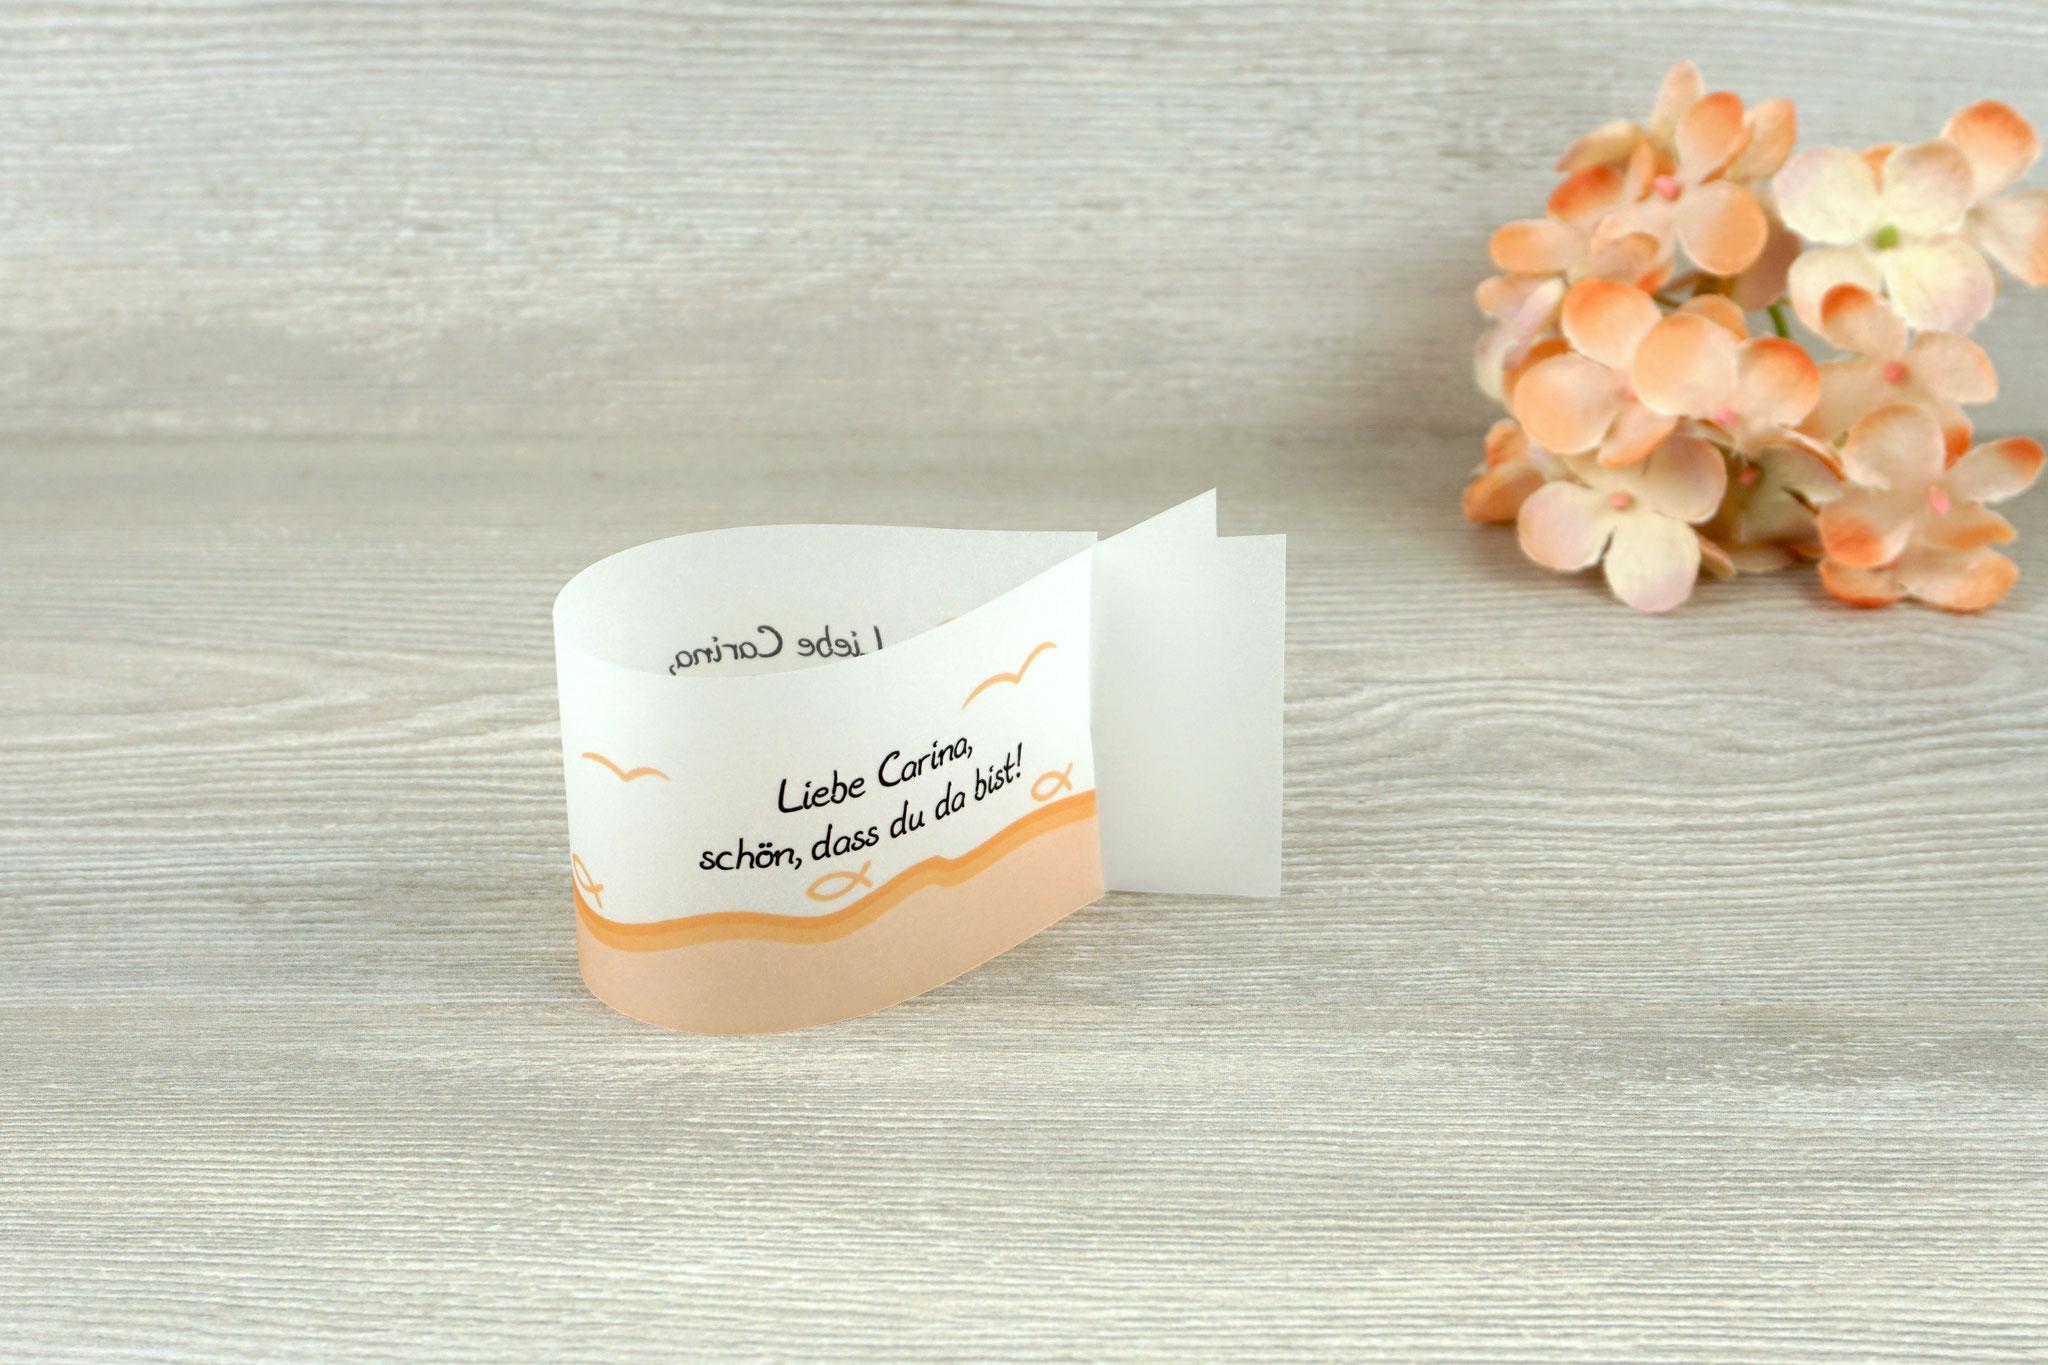 Platzkarte Fischform, Design Fisch Silhouette apricot - Sonderwunsch unterer Rand apricot & Möven